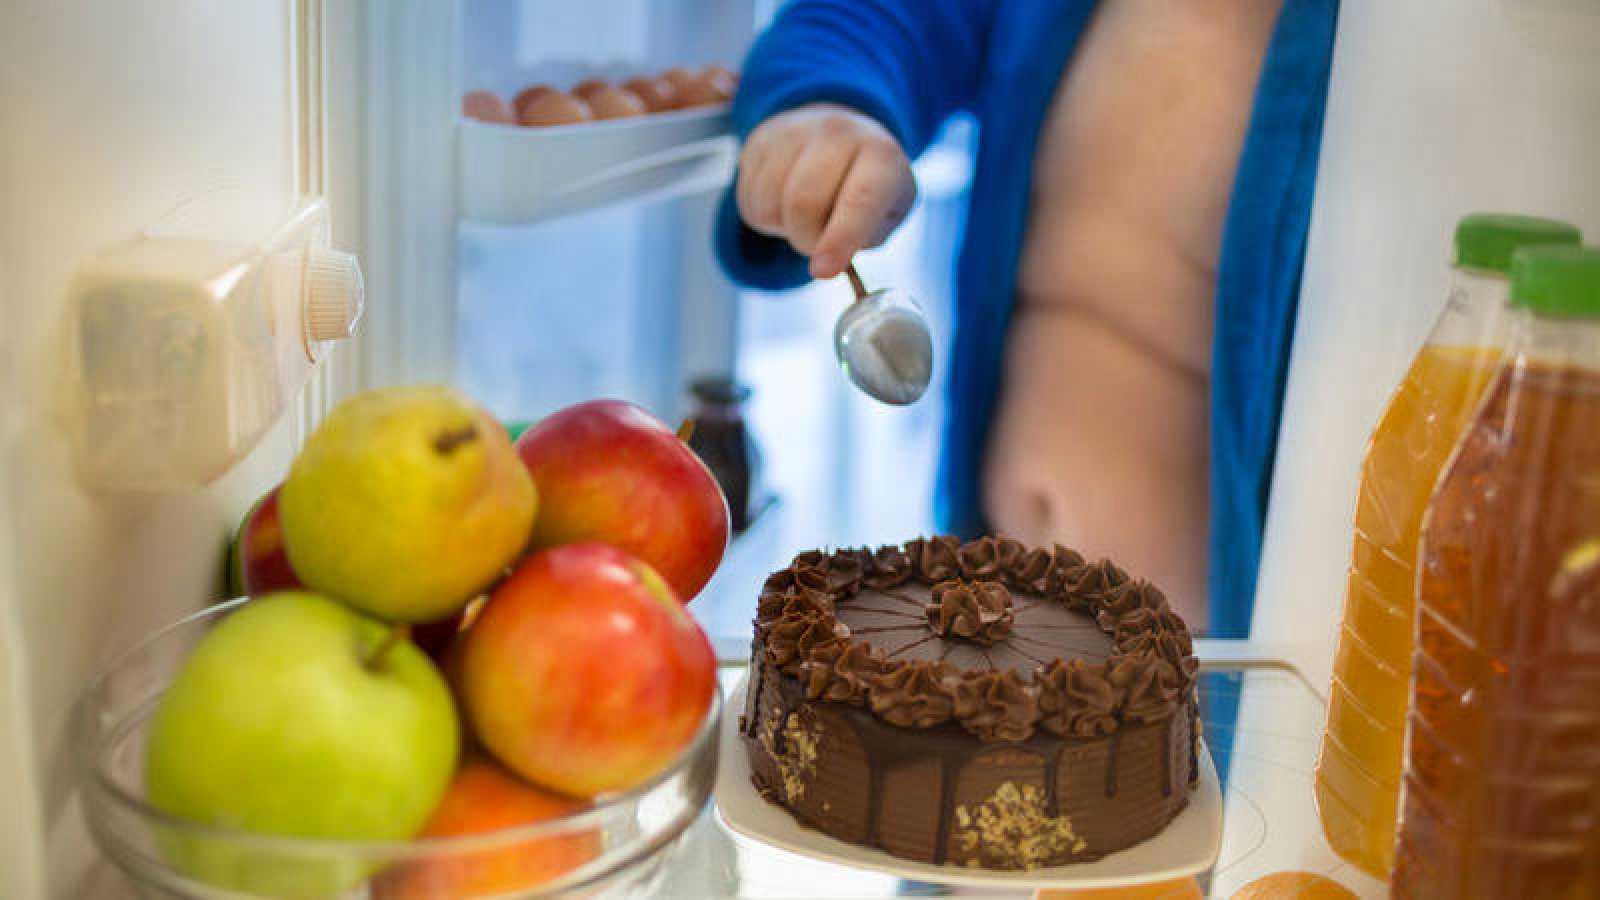 ¿hay un trastorno alimentario por comer demasiado?